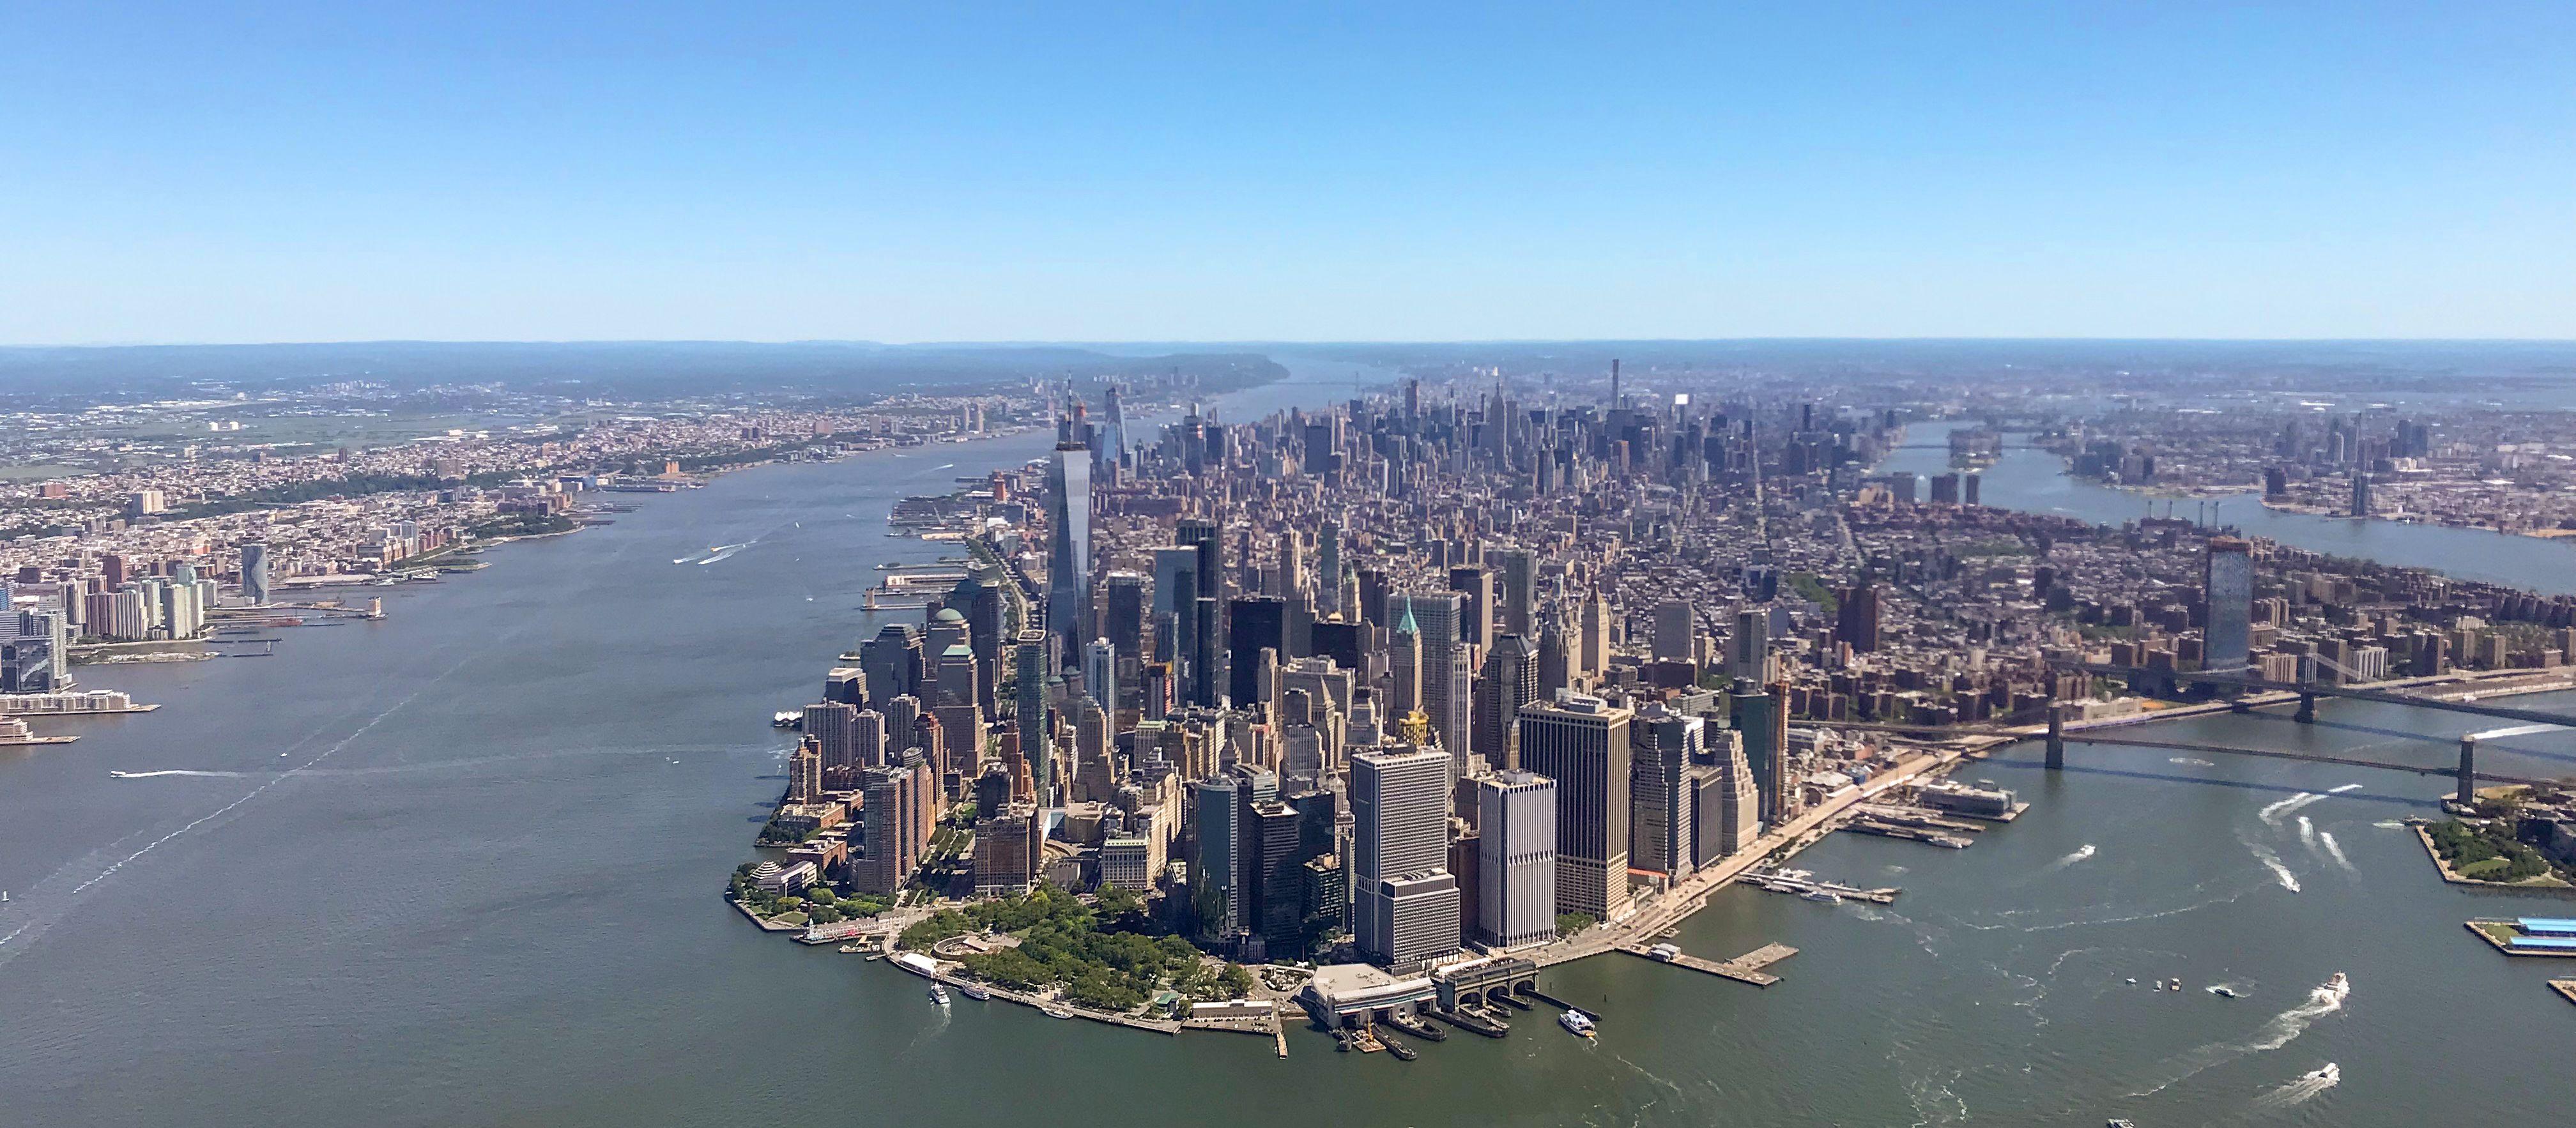 Luftaufnahme aus einem Hubschrauber über New York City